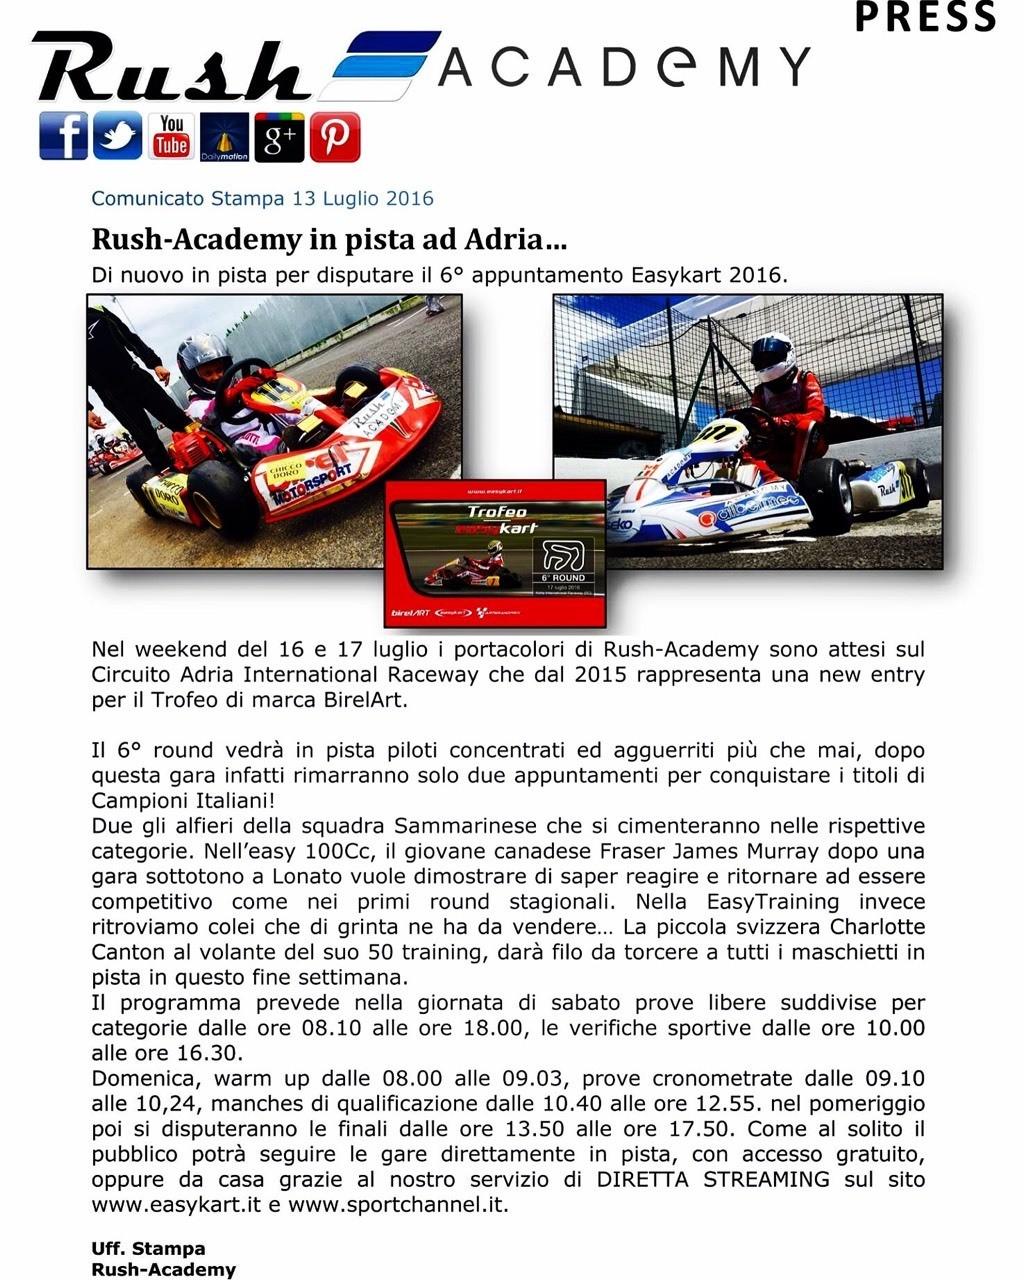 Comunicato Stampa 13 Luglio 2016 RUSHACADEMY IN PISTA AD ADRIA… Di nuovo in pista per disputare il 6° appuntamento Easykart 2016.